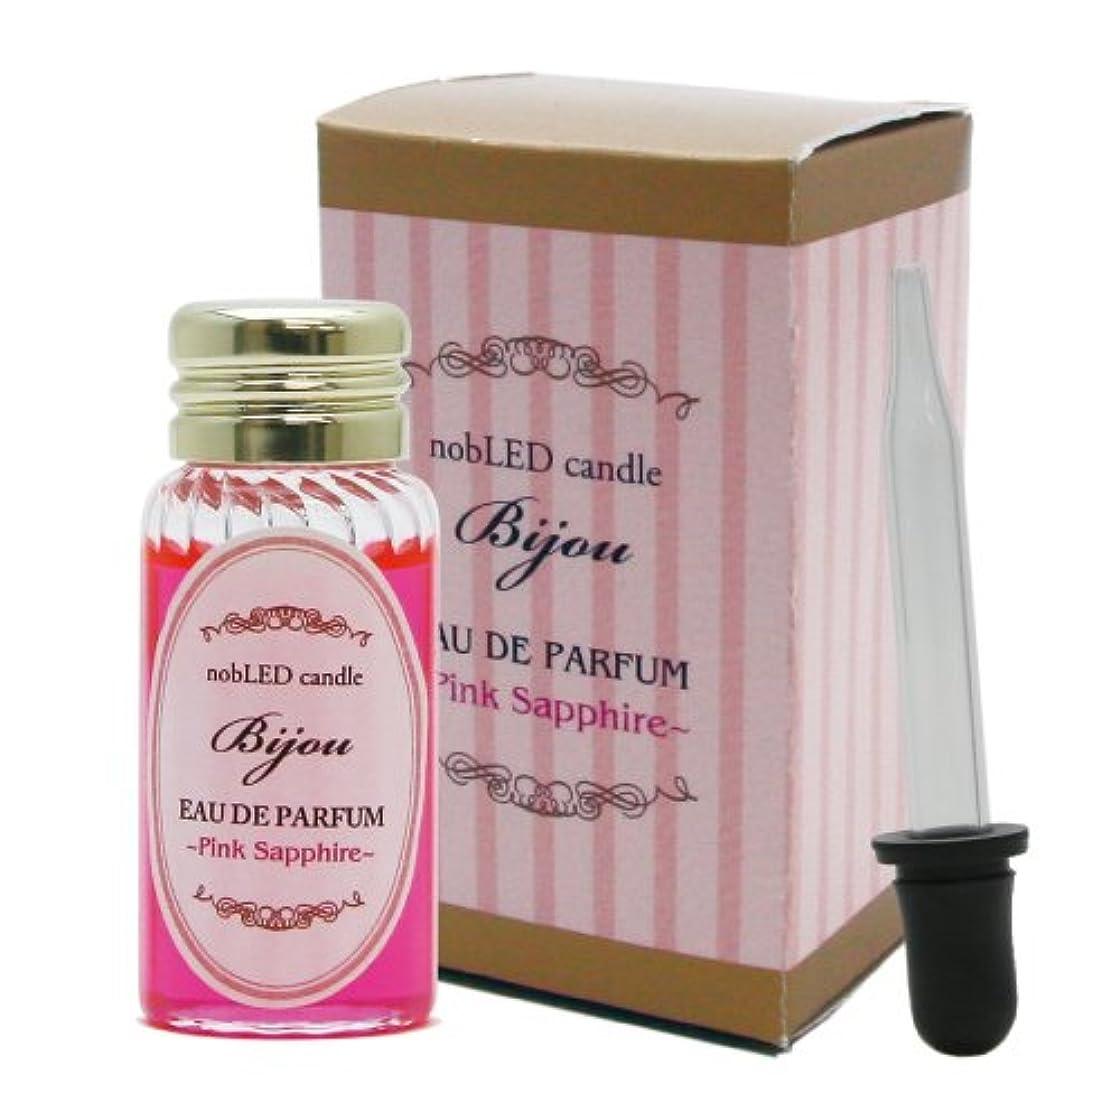 薬を飲む退院市町村nobLED candle Bijou EAU DE PARFUM ブレンドオイル ピンクサファイア Pink Sapphire ノーブレッド キャンドル ビジュー オードパルファム